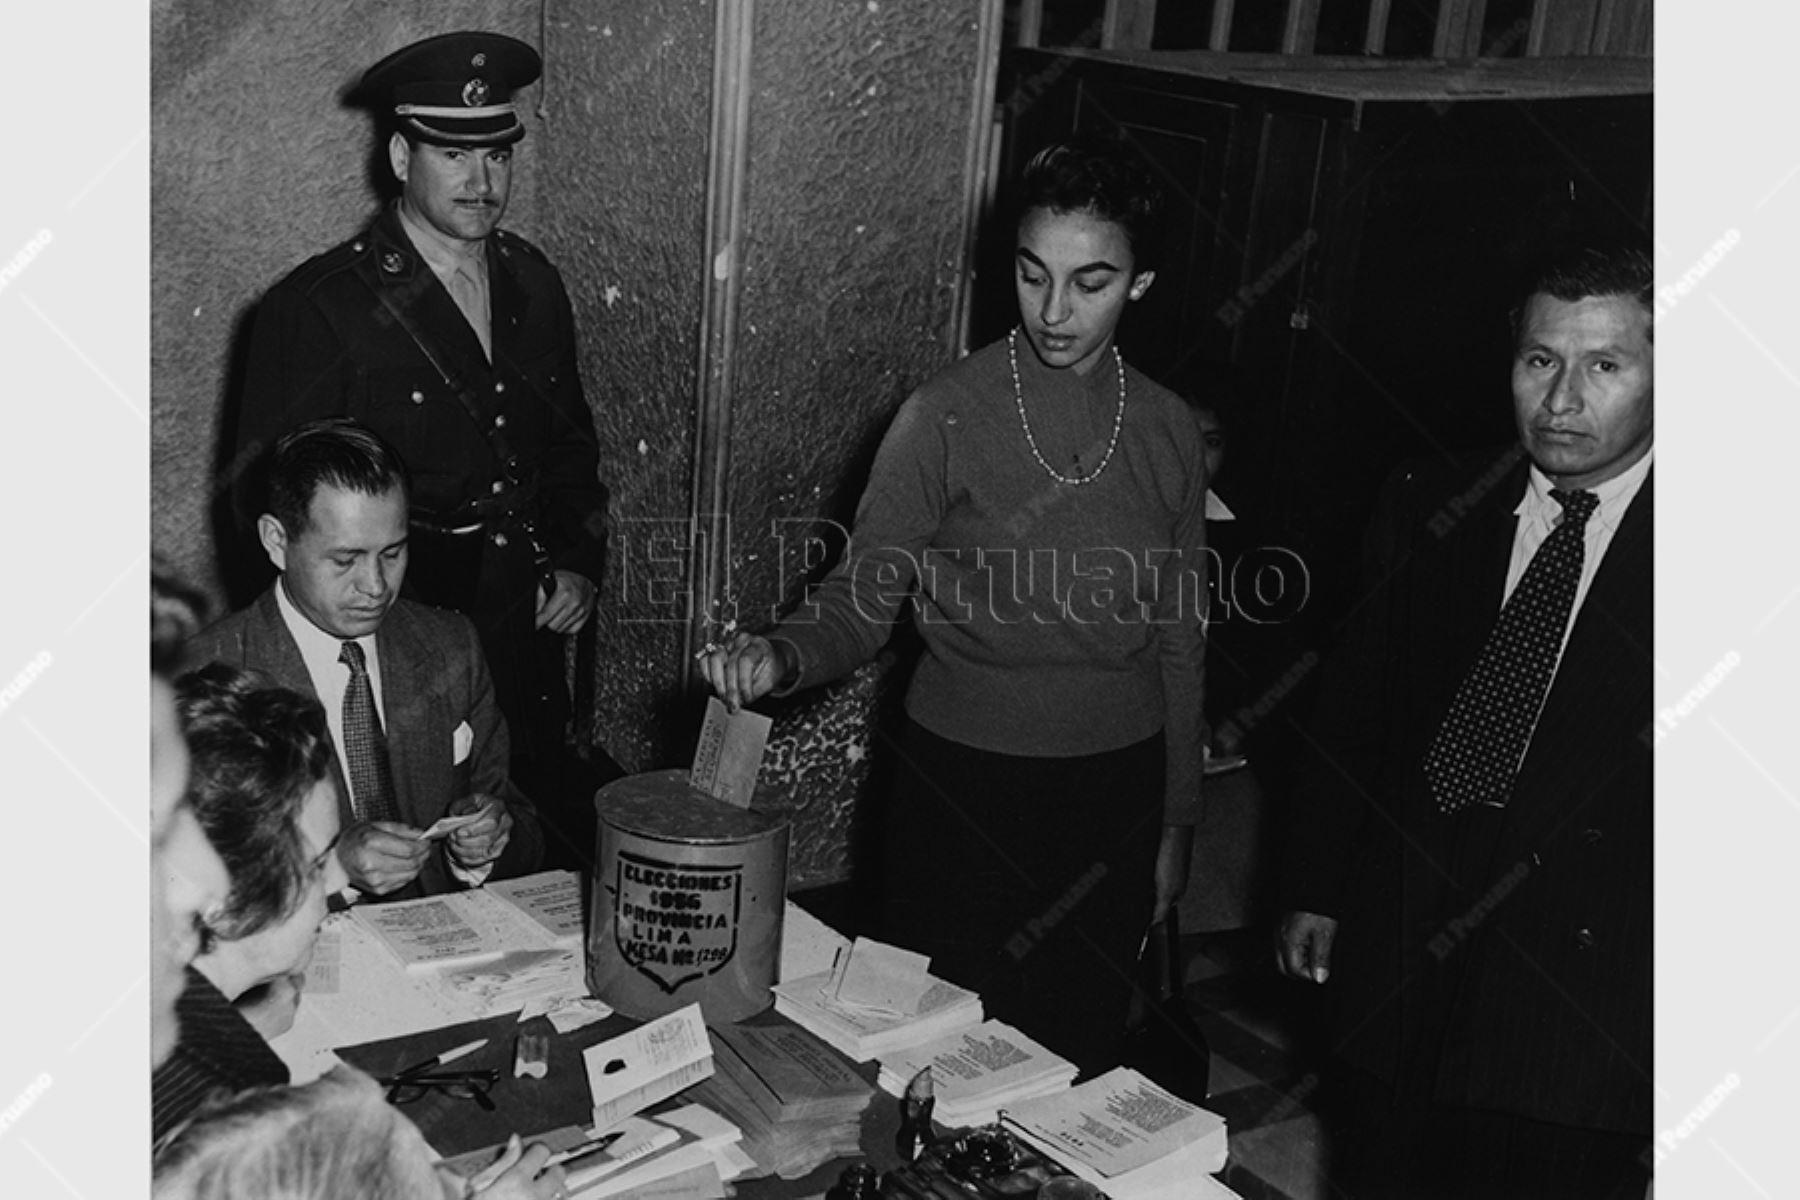 Lima - 17 junio 1956 / La mujer peruana votó por primera vez en las elecciones generales de 1956. Foto: Archivo Histórico de El Peruano